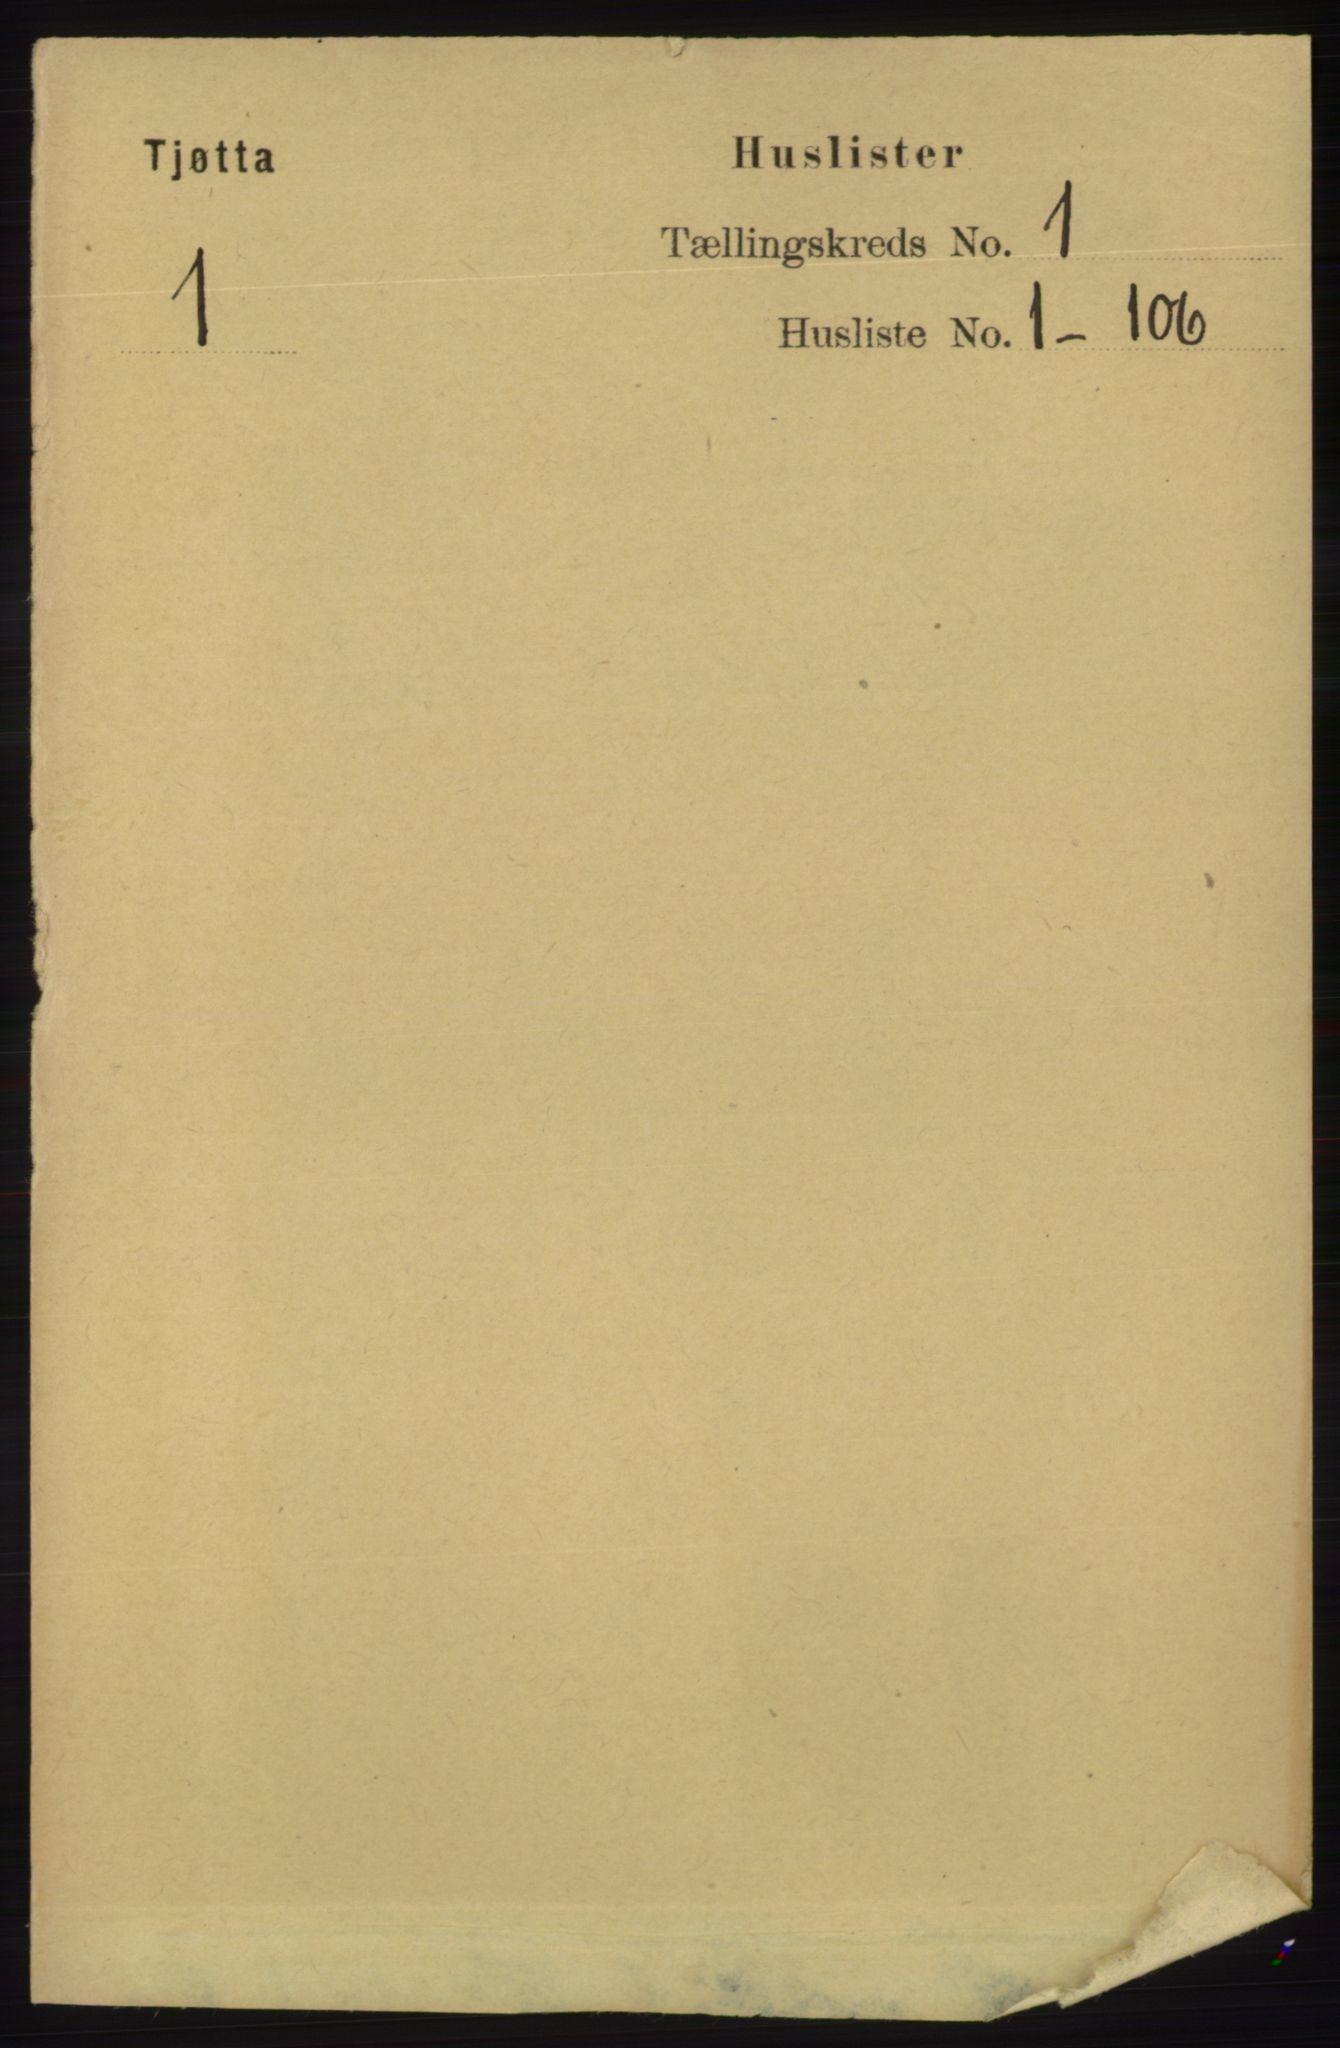 RA, Folketelling 1891 for 1817 Tjøtta herred, 1891, s. 22